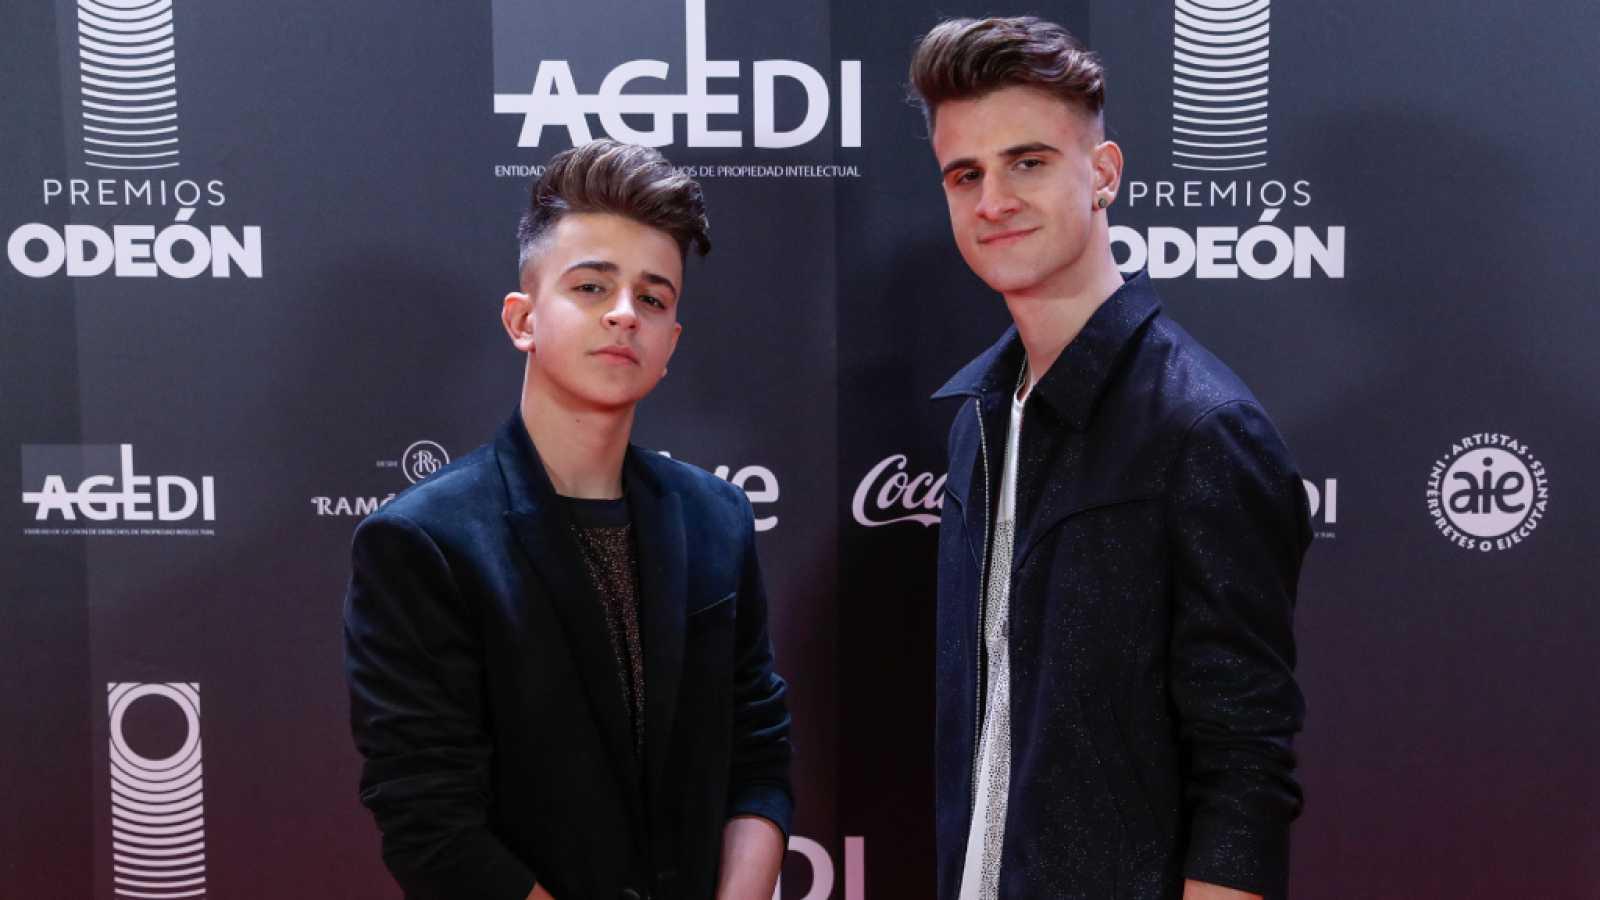 Adexe y Nau, protagonistas del primer concierto emitido en directo desde Madrid